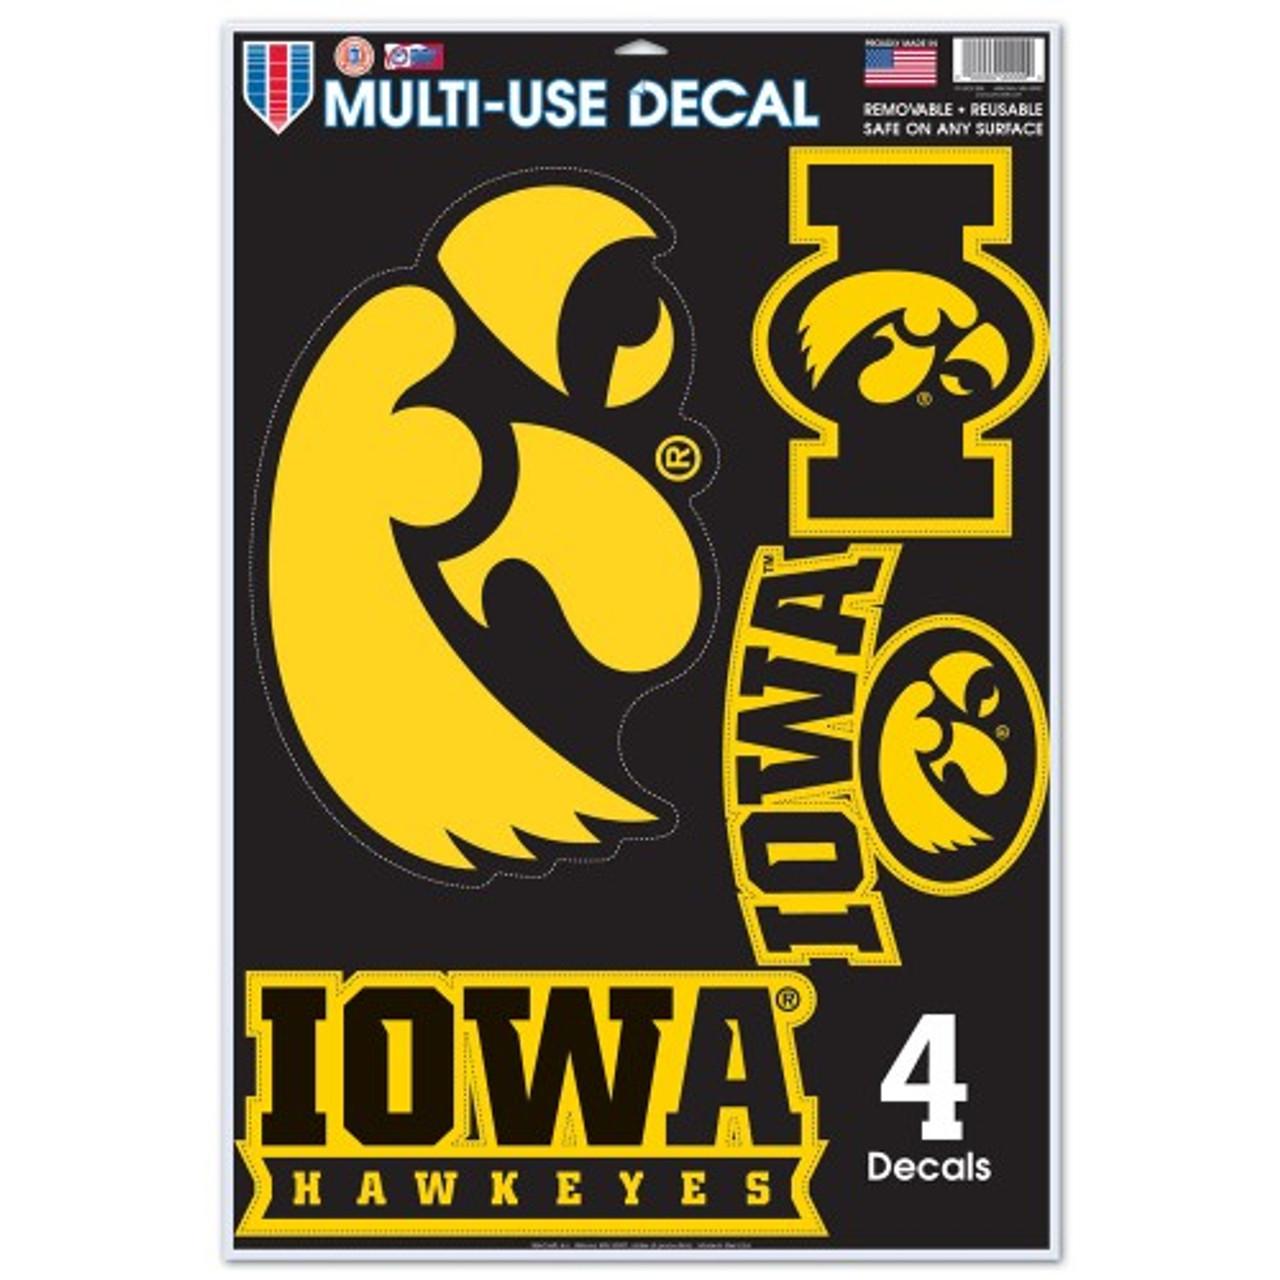 Iowa Hawkeyes Decal 11x17 Multi Use Special Order